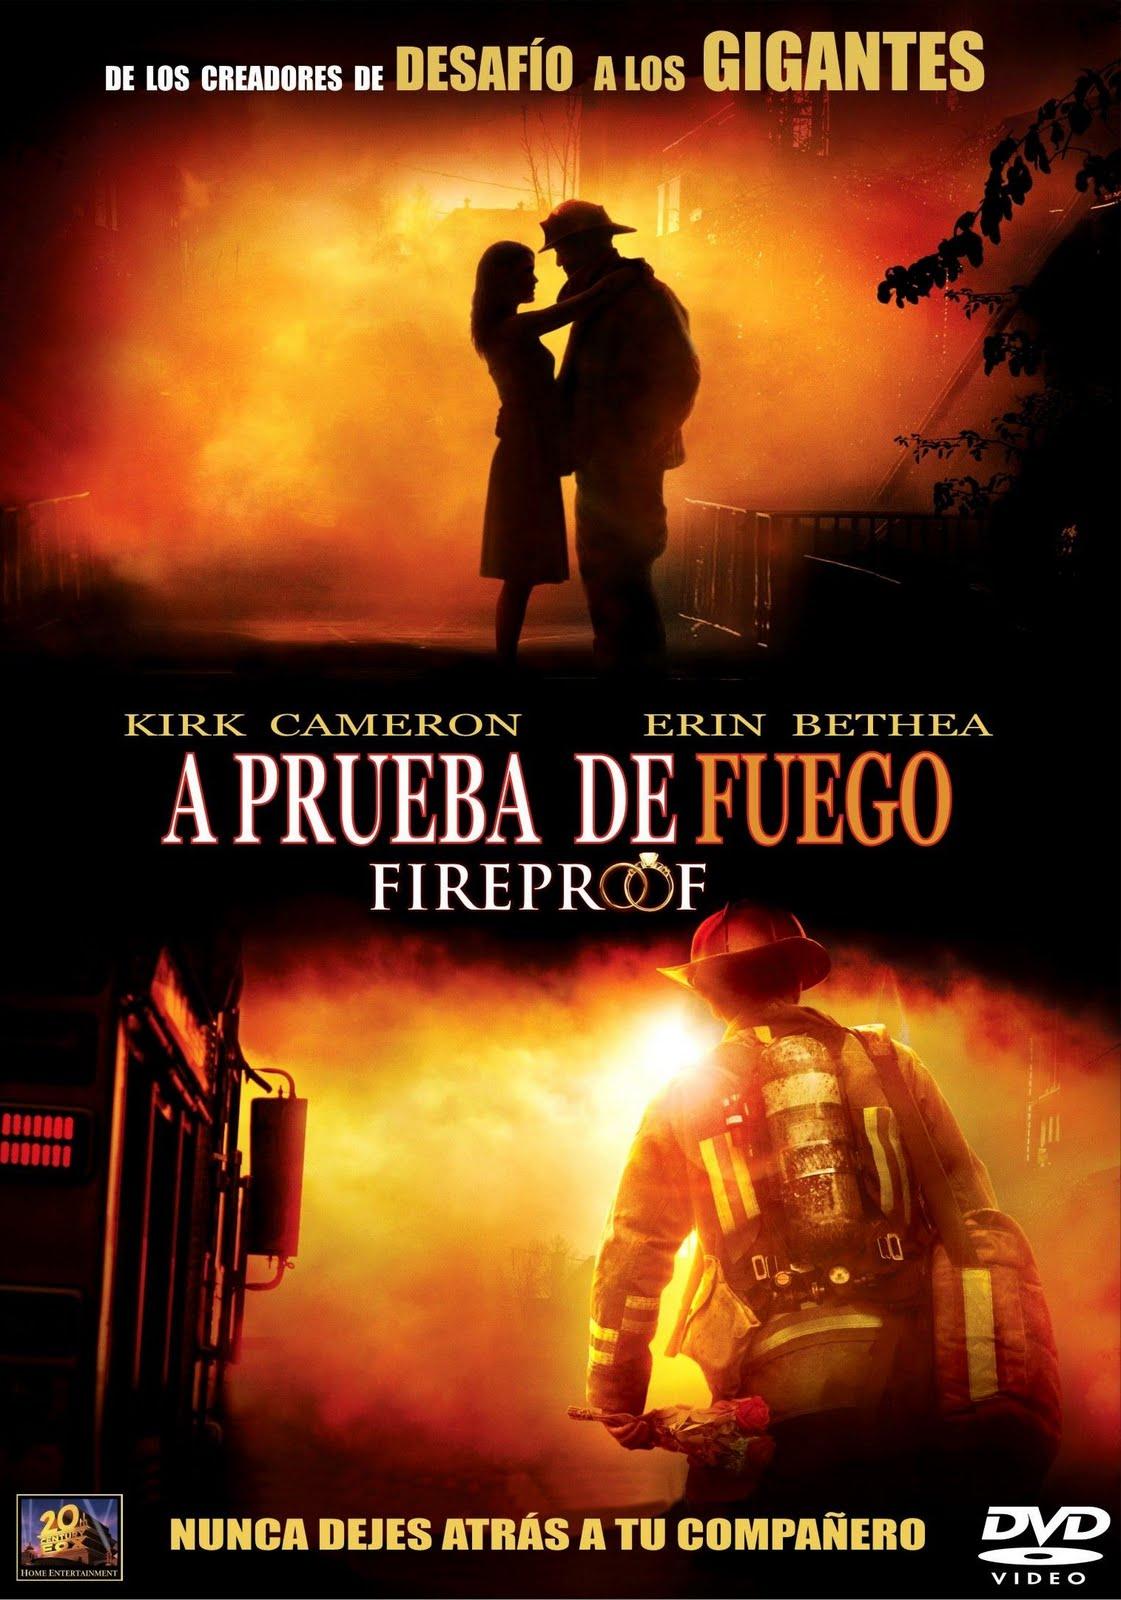 http://1.bp.blogspot.com/_OTq6s1gvQgI/TJBI3X8t9mI/AAAAAAAAAnc/7QlunKq8HH8/s1600/A+Prueva+De+Fuego.jpg